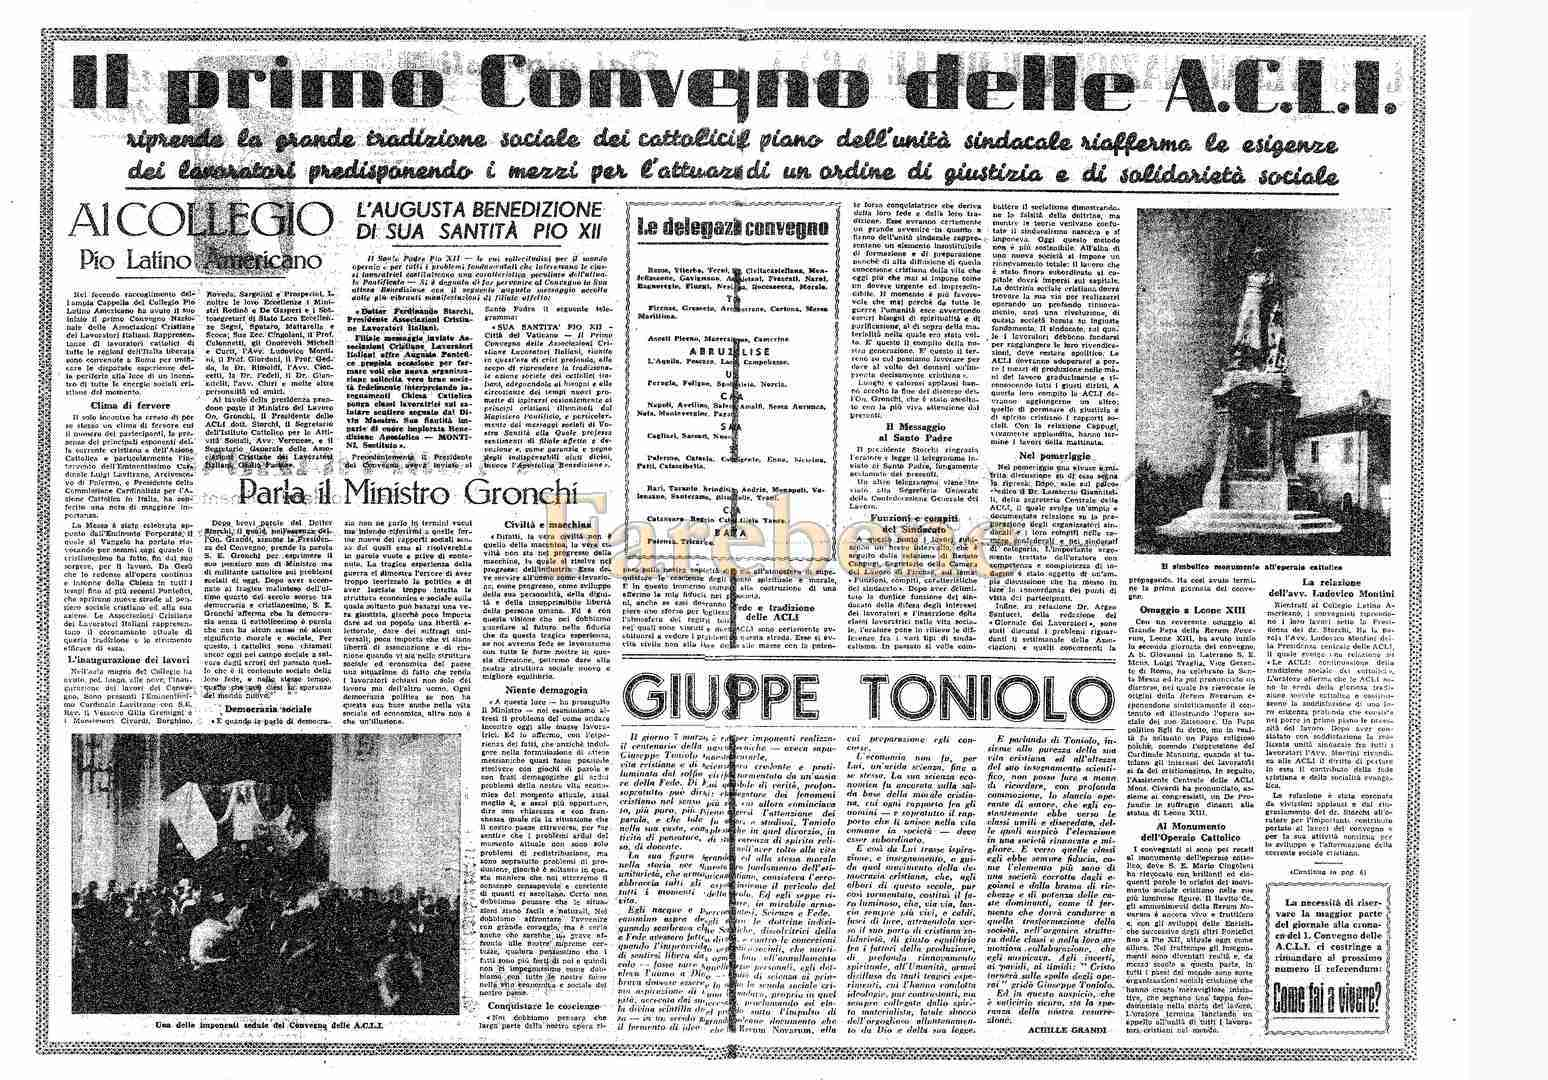 1945-primo-convegno-Acli